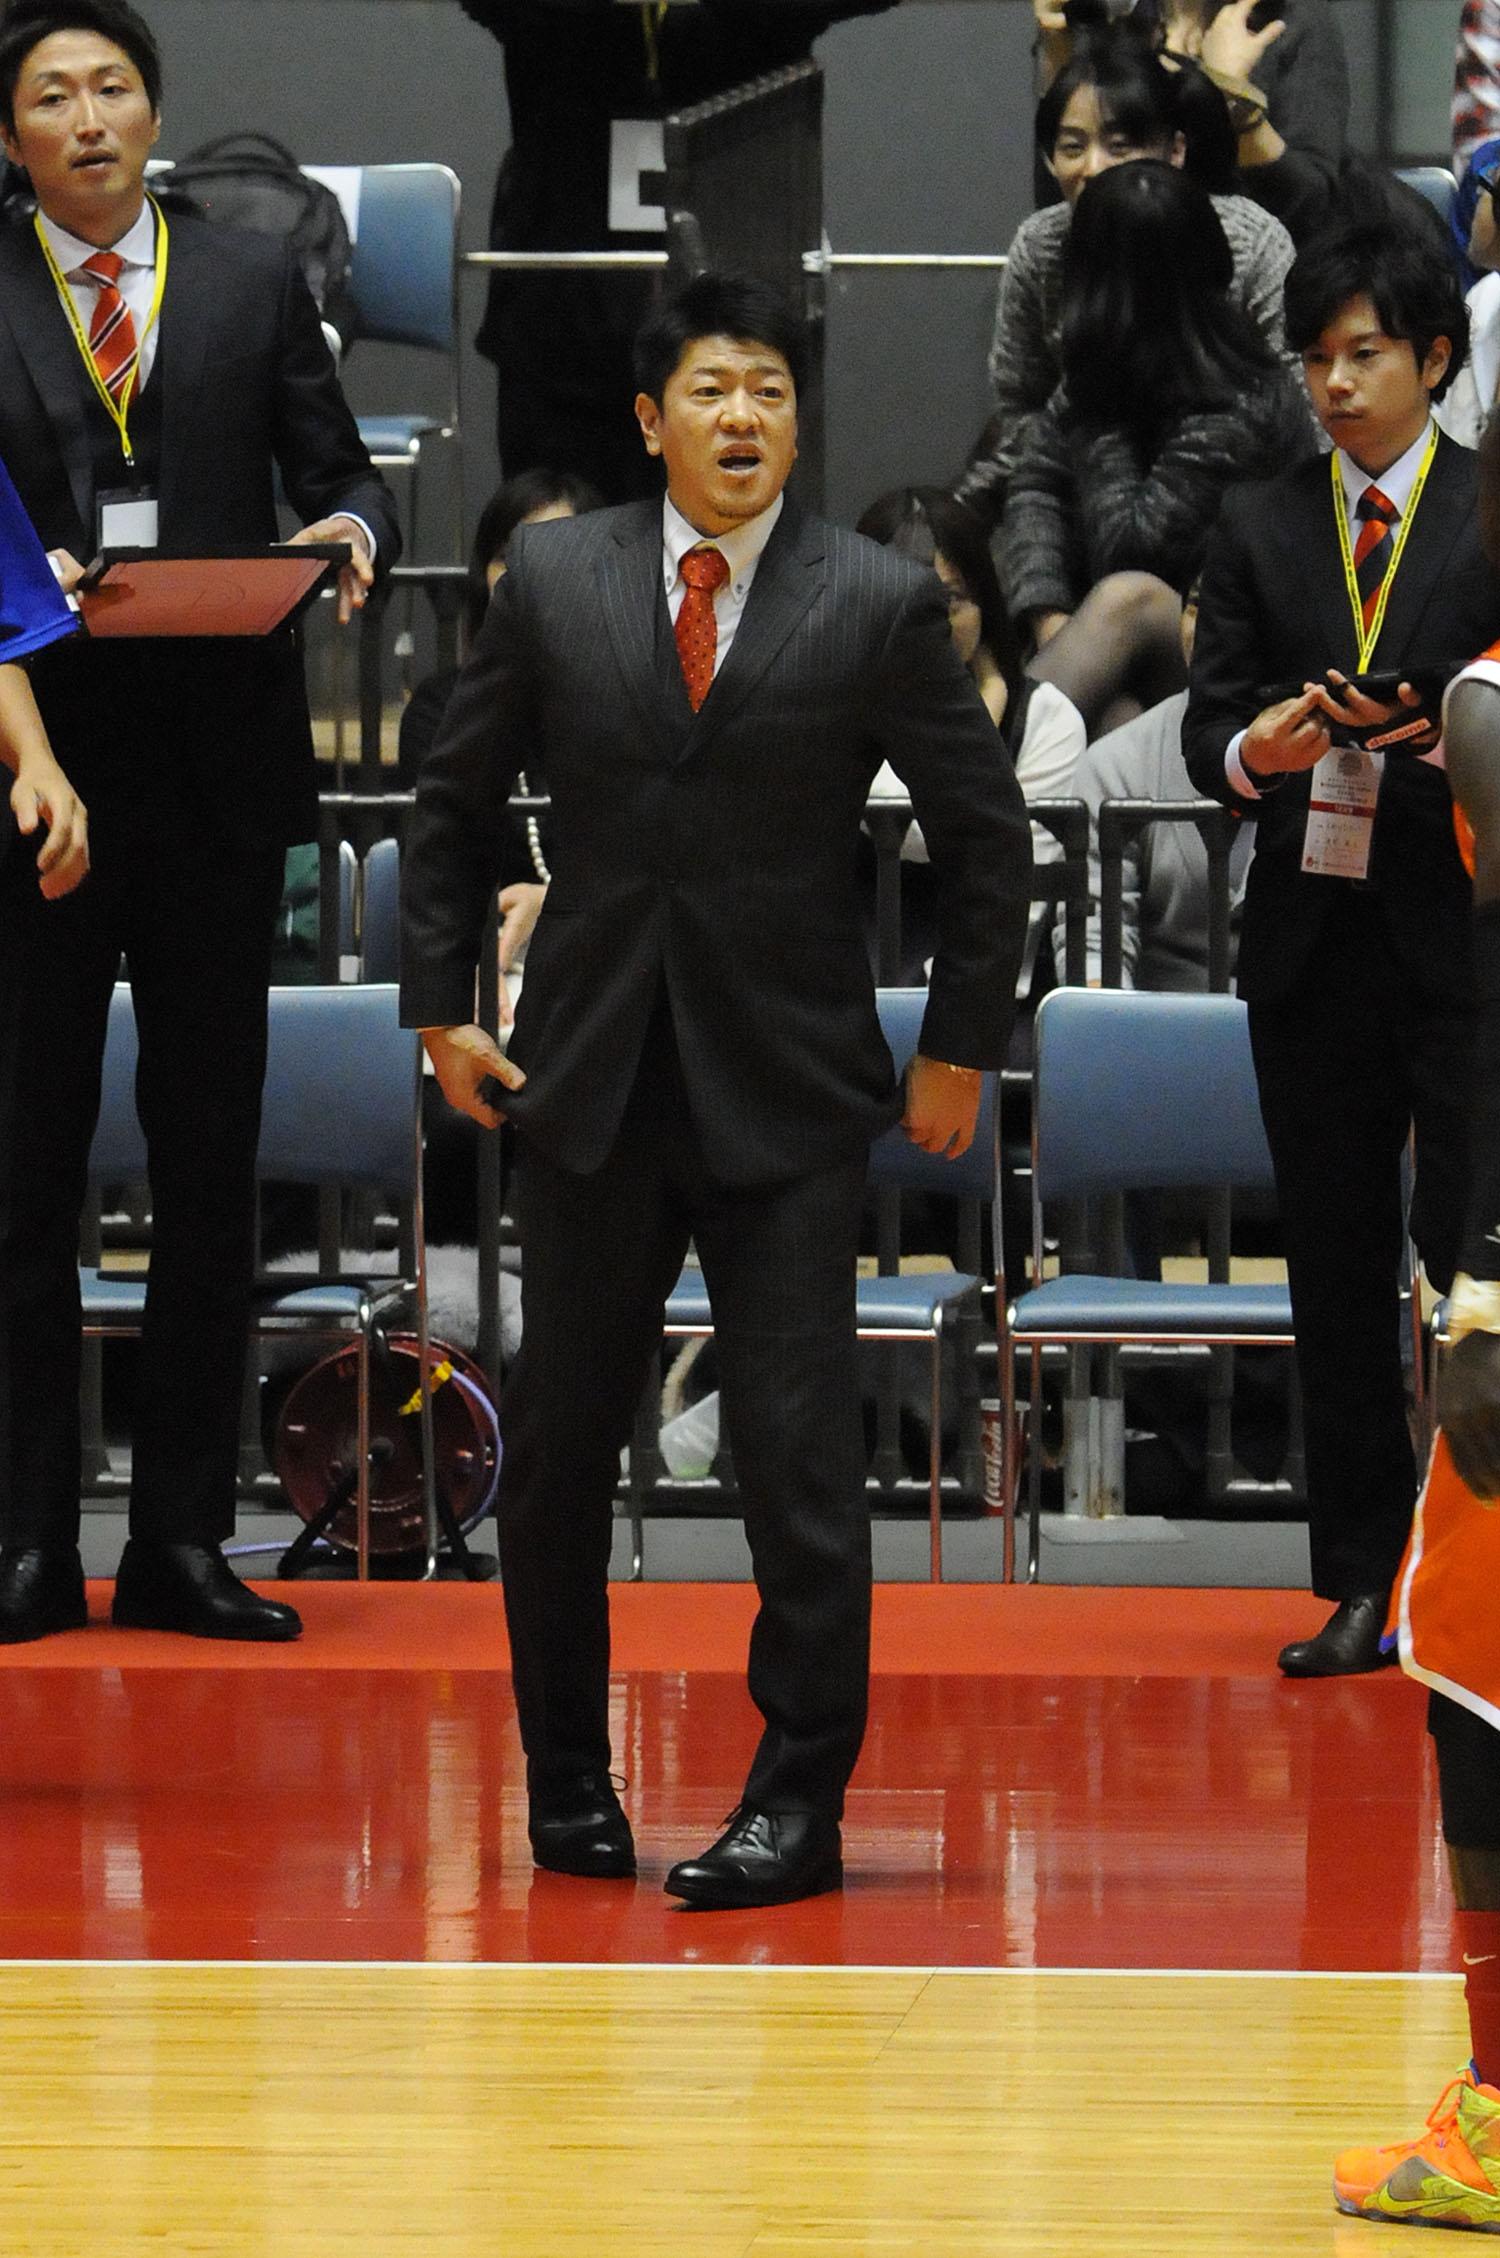 佐古賢一 Wikipedia